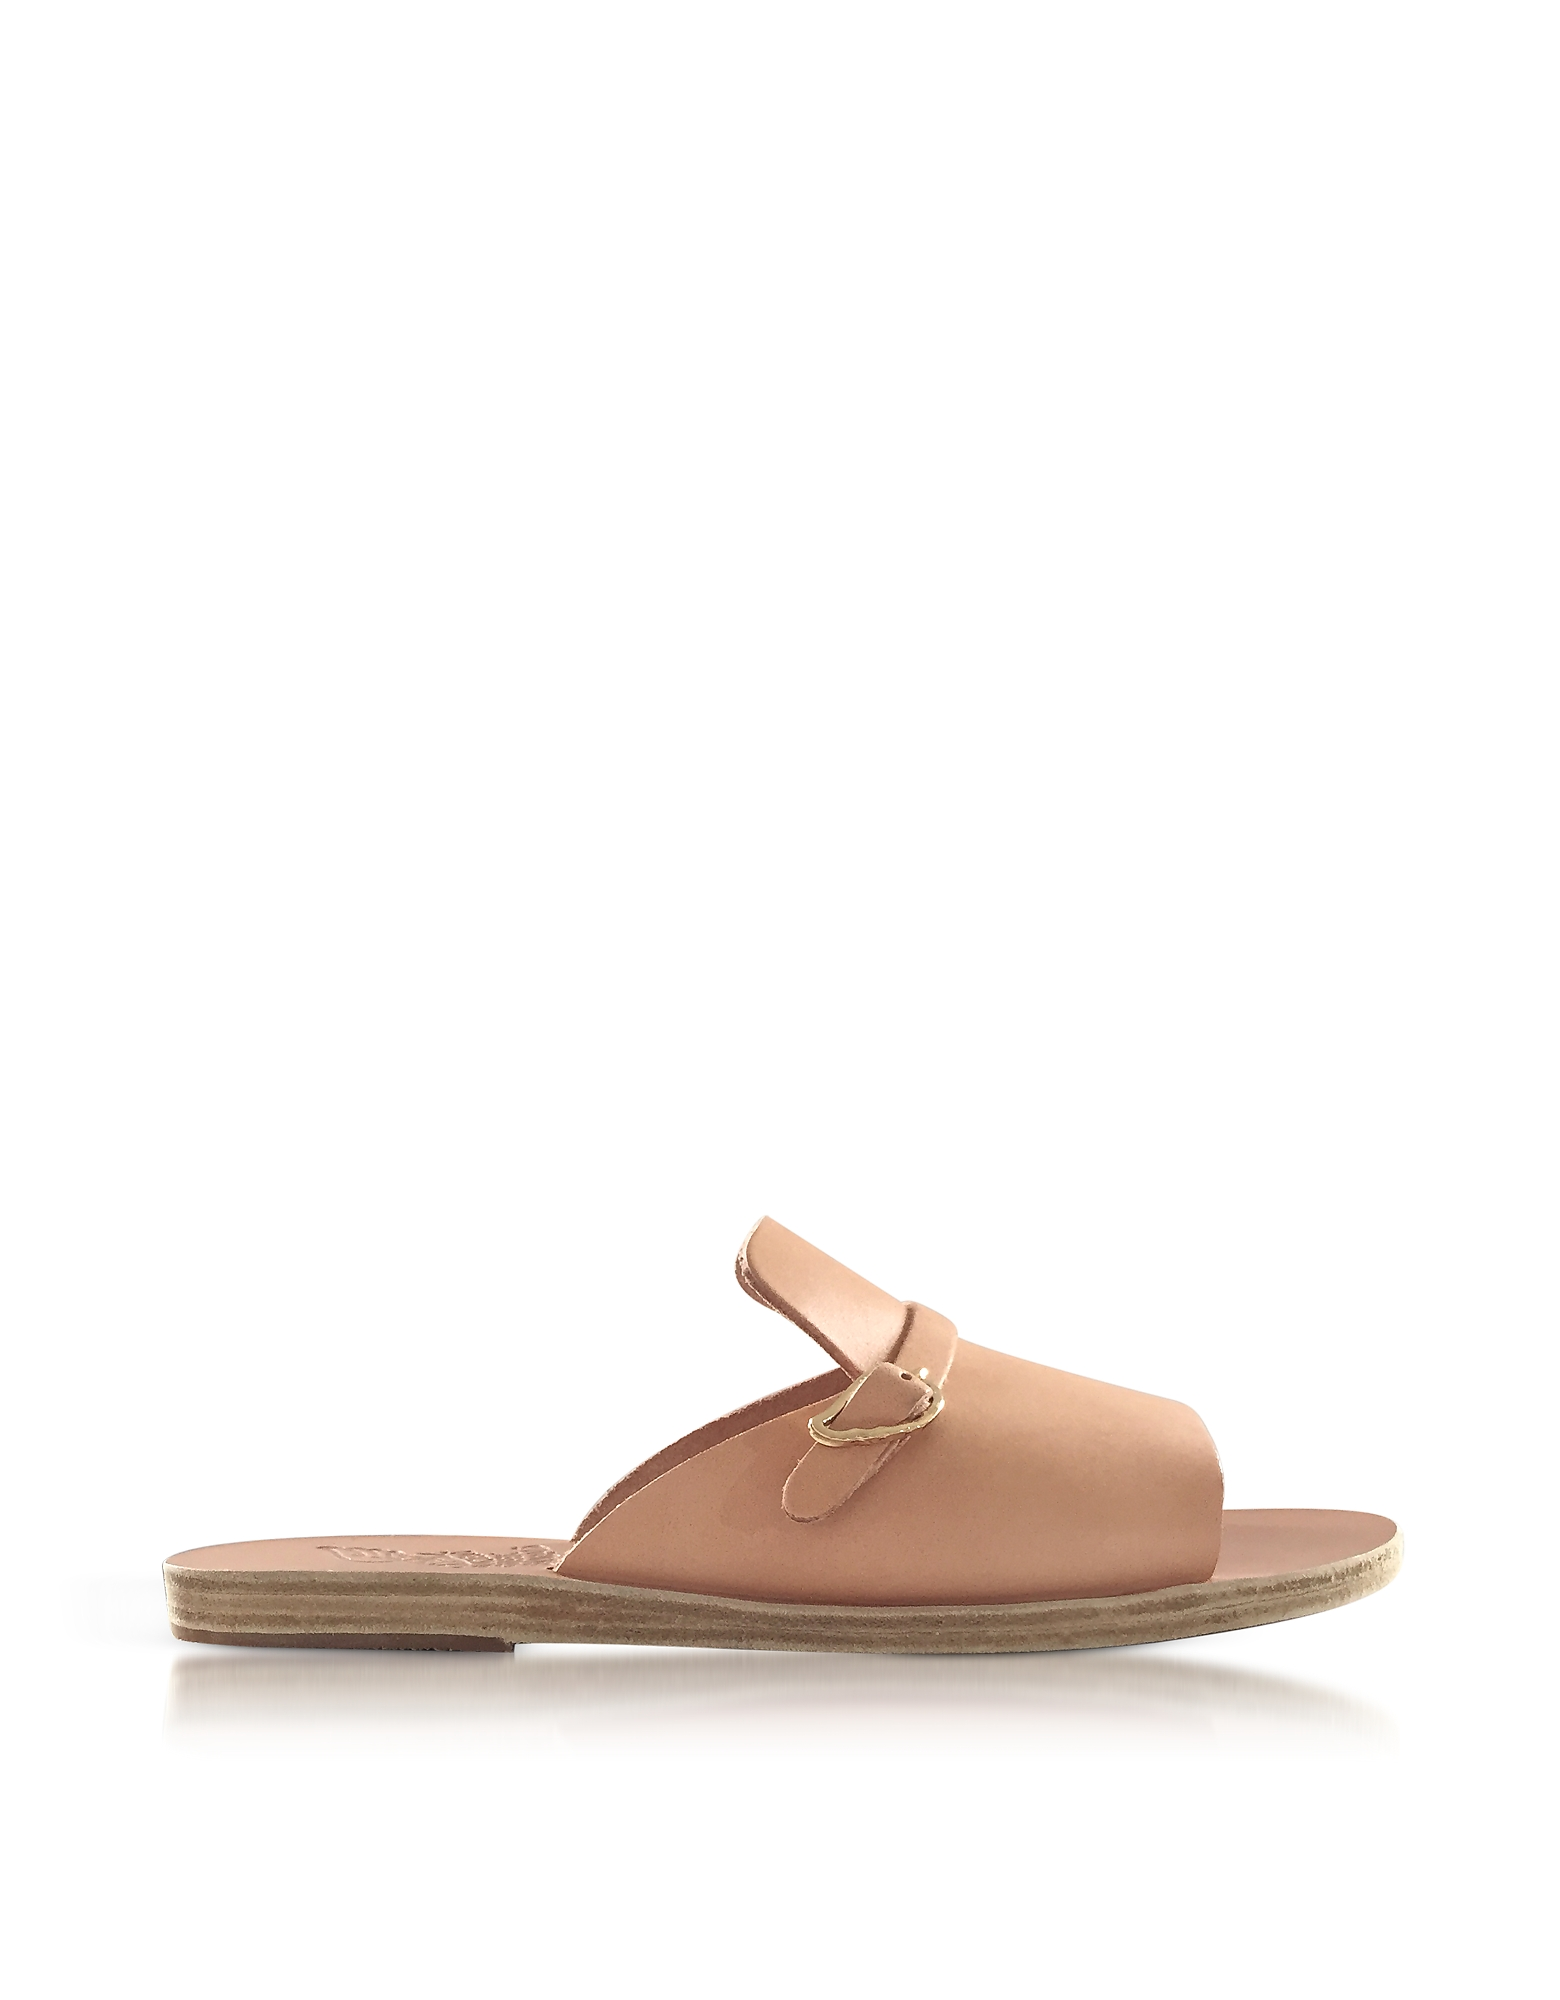 Kaloniki Natural Leather Flat Slide Sandals